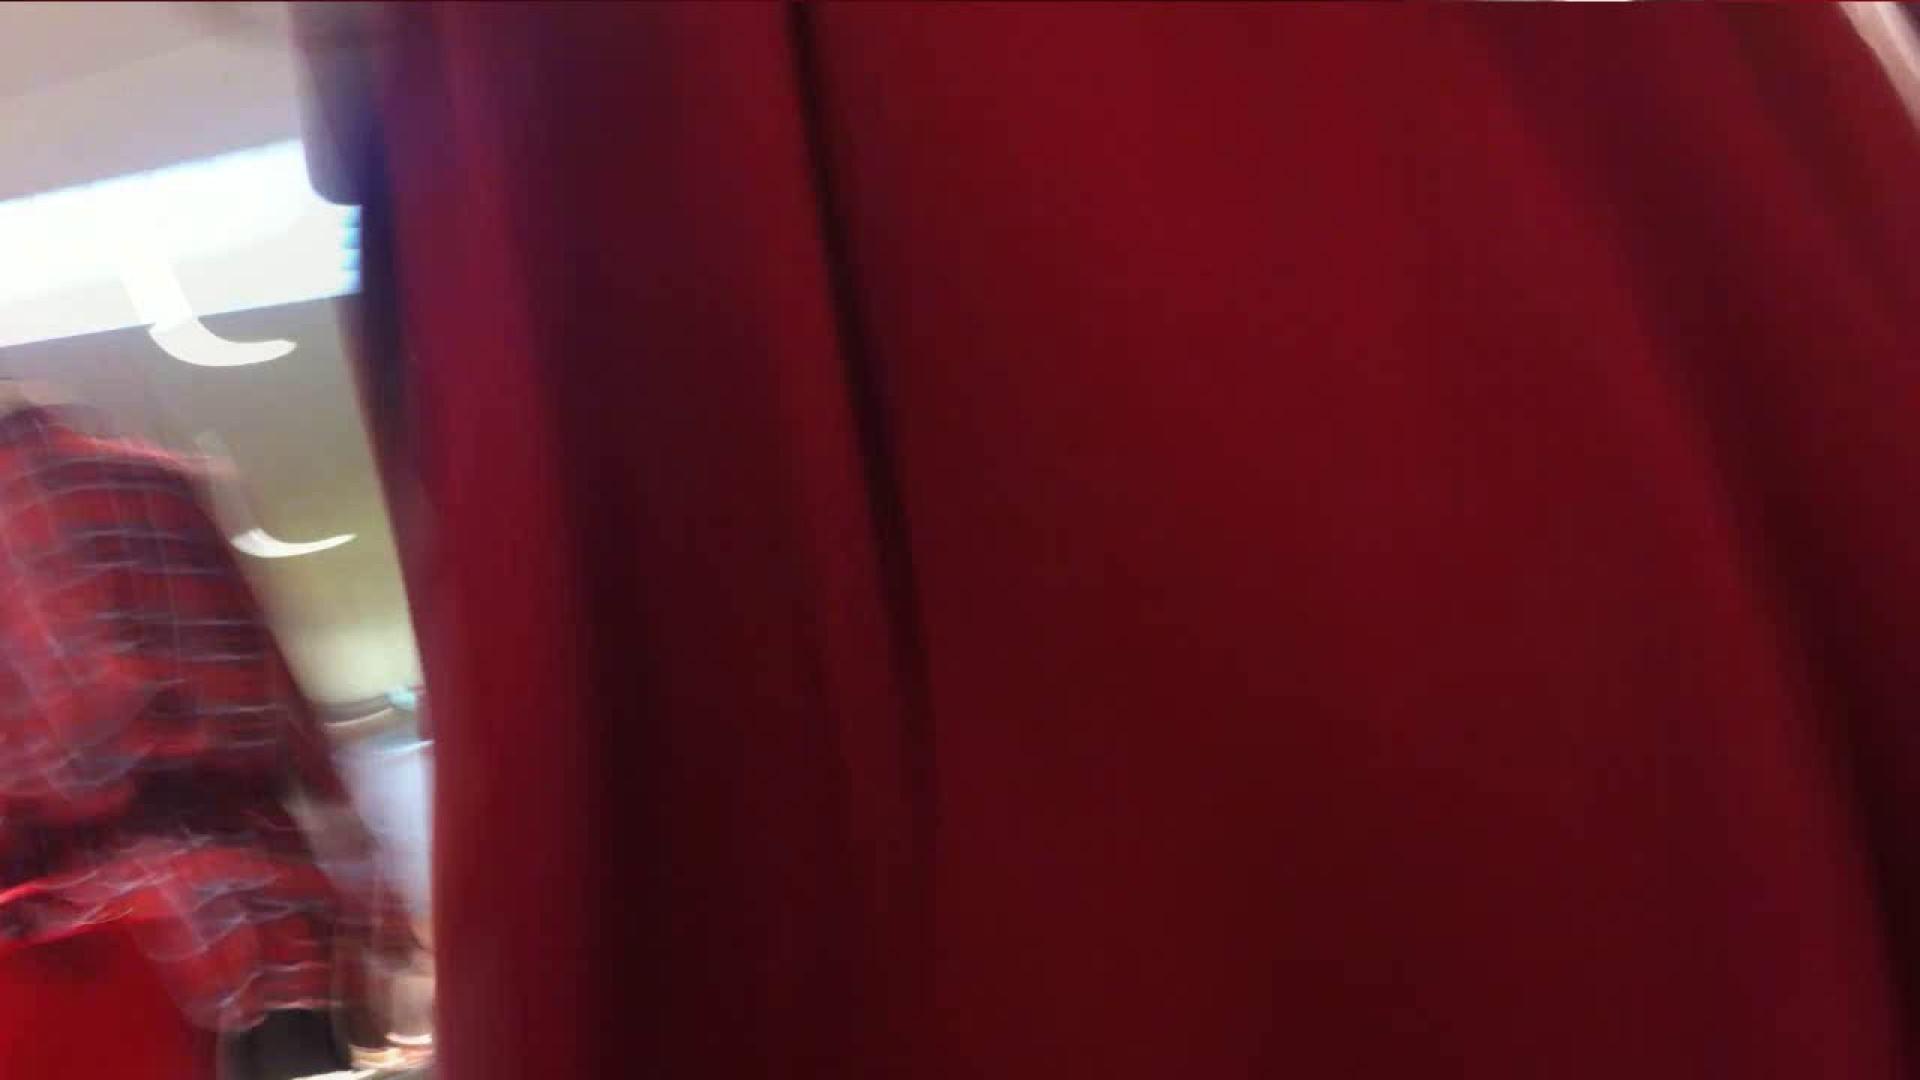 vol.33 美人アパレル胸チラ&パンチラ ギャル系ネーチャンの下着 0  73連発 16